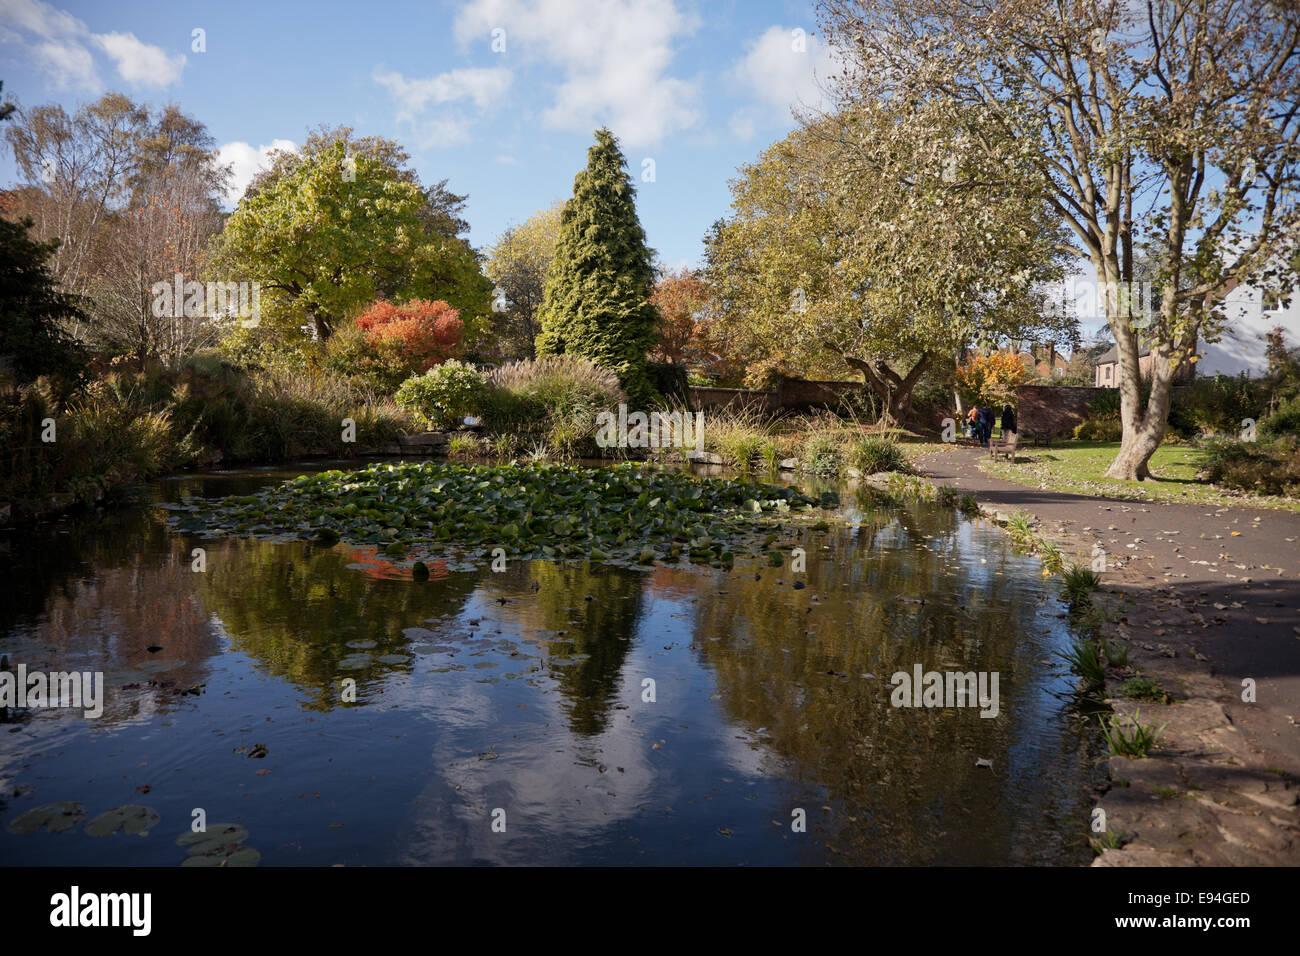 The Queen Elizabeth II Jubilee Gardens, Bewdley Worcs UK Stock Photo ...